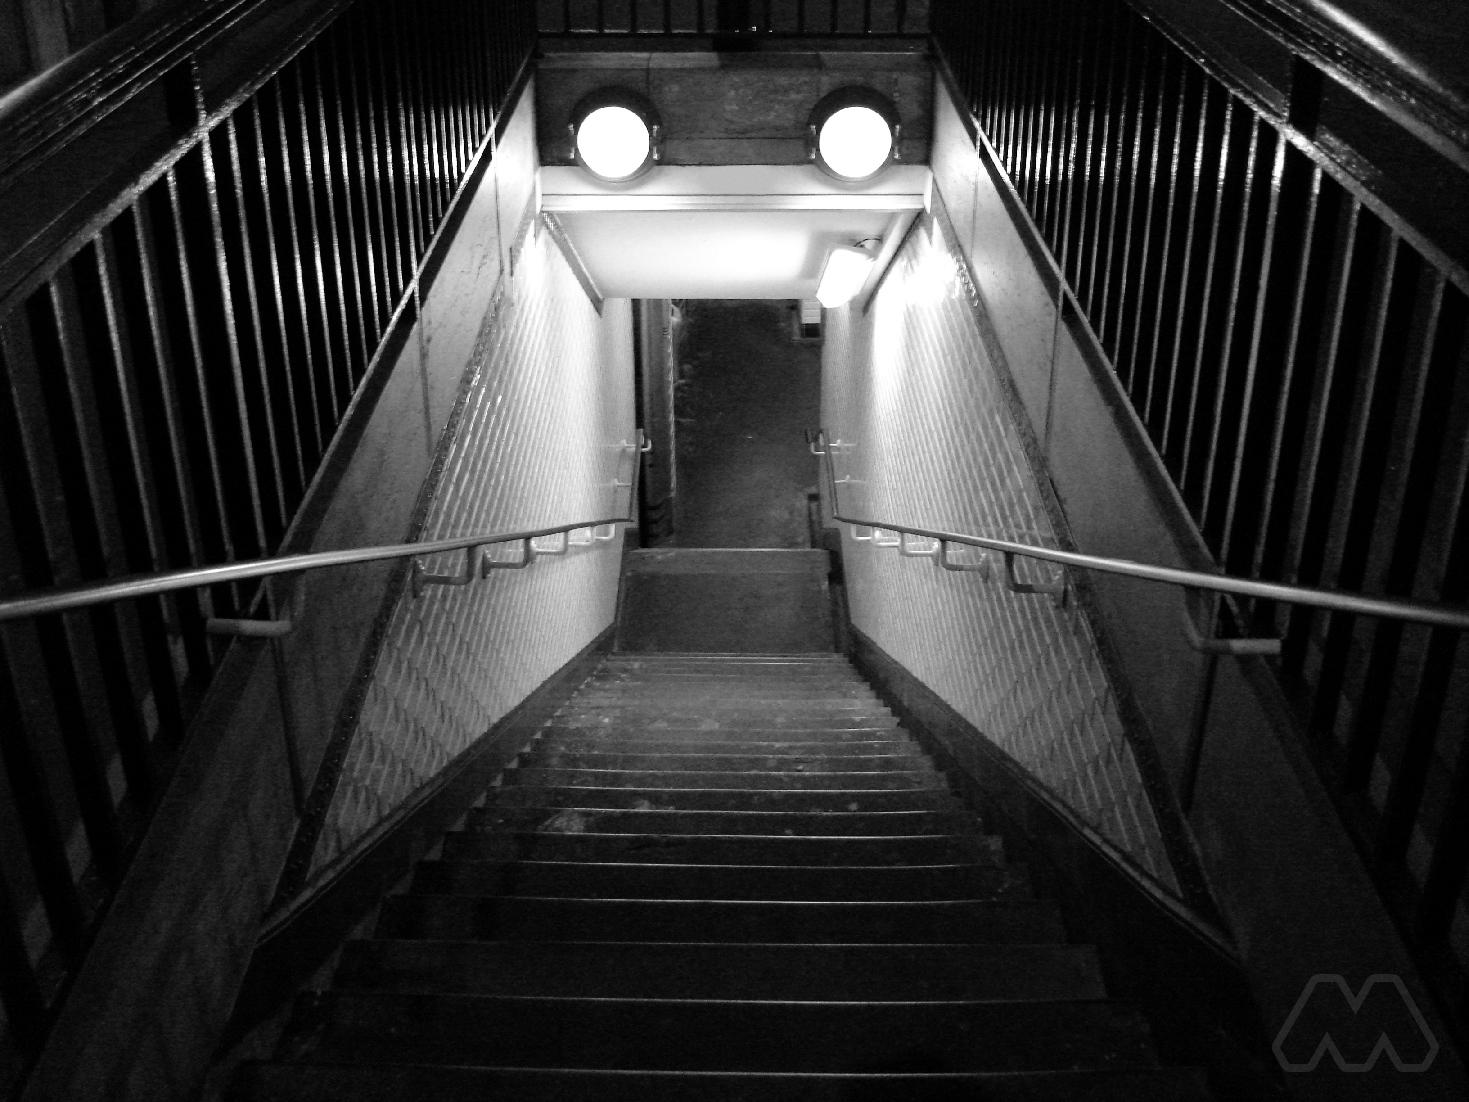 Discesa metro a Parigi